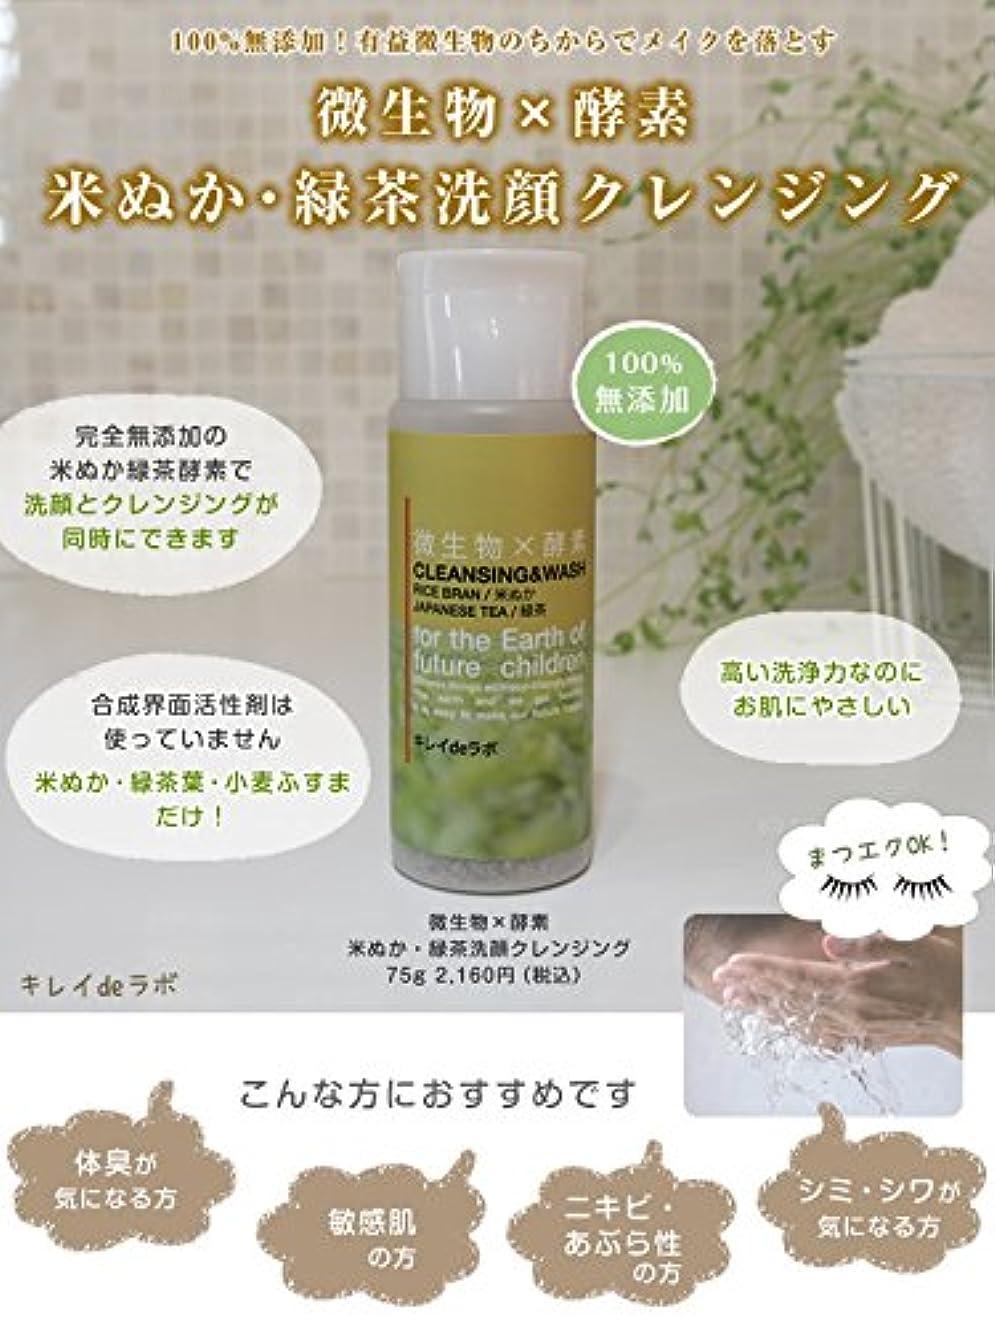 チロフィット残忍な微生物×酵素 米ぬか緑茶洗顔クレンジング100%無添加 マツエクOK … (本体 75g) みんなでみらいを 米ぬか使用